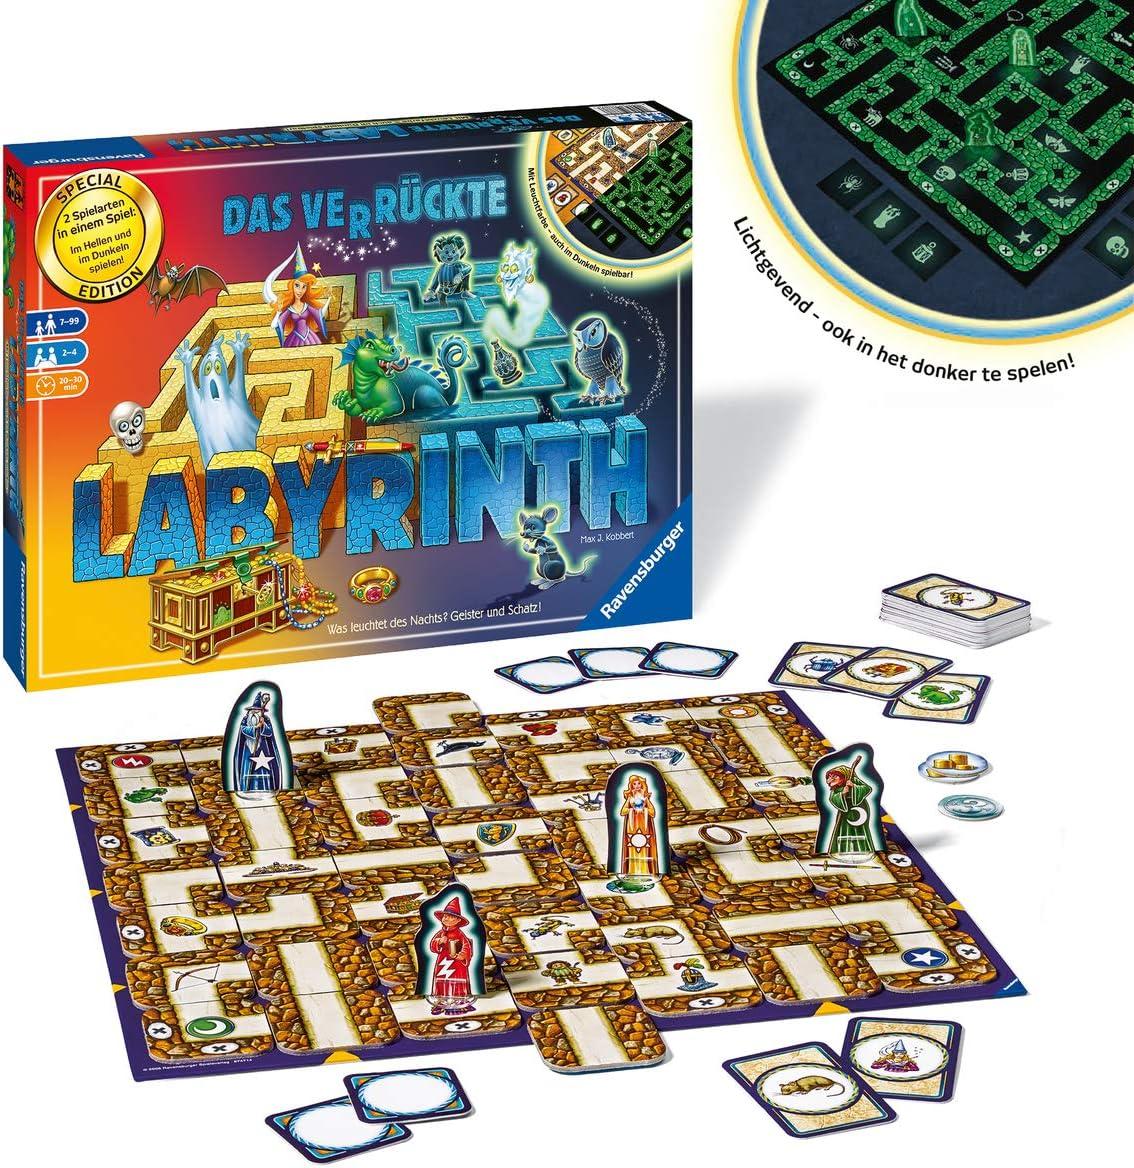 Ravensburger-4005556266876 Juego Familiar, Multicolor (4005556266876): Kobbert, Max J.: Amazon.es: Juguetes y juegos